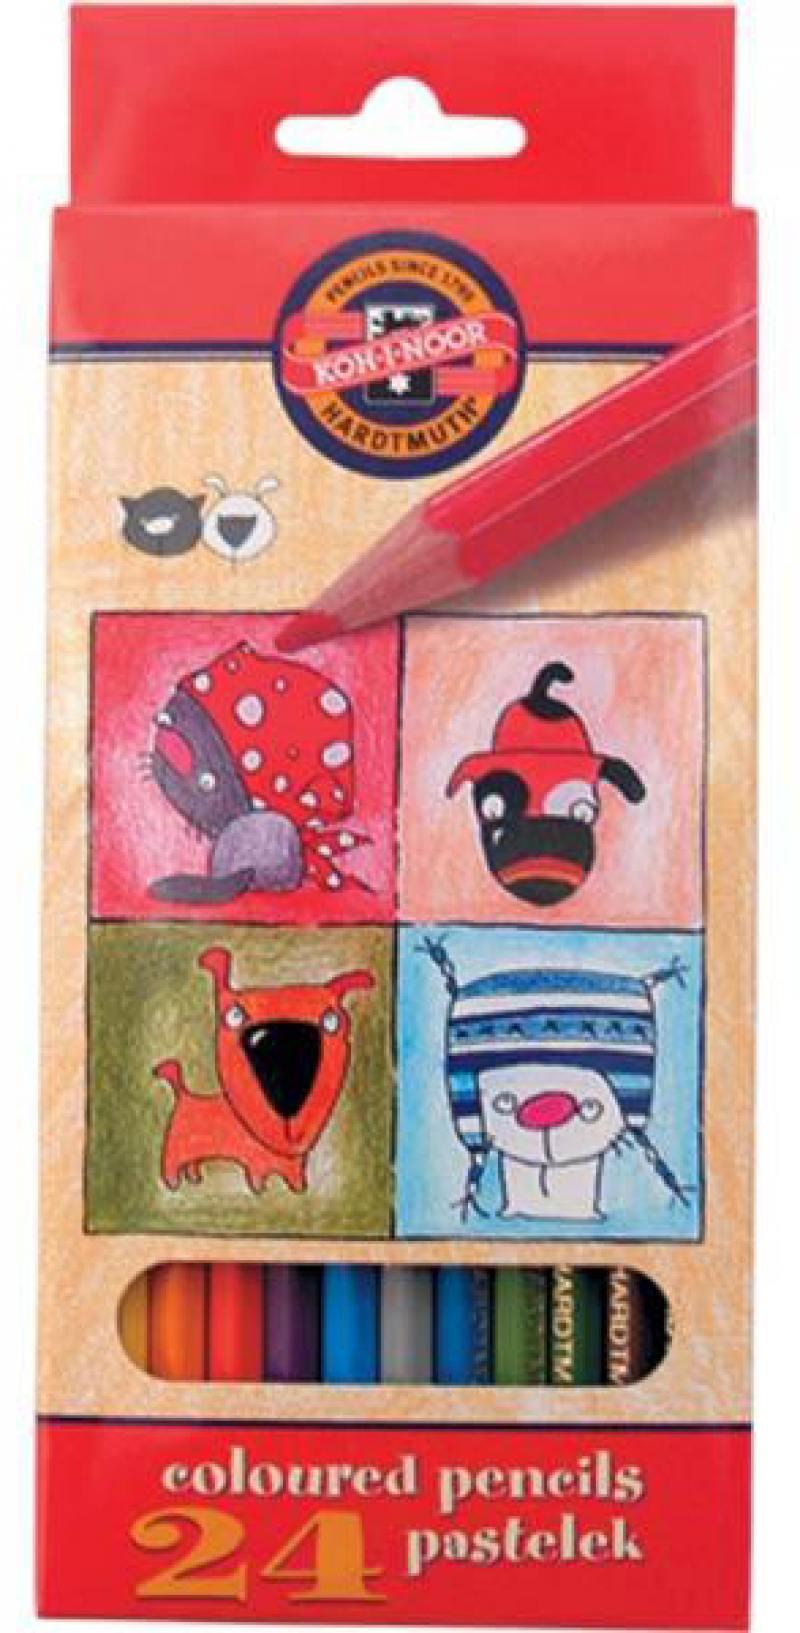 Набор цветных карандашей Koh-i-Noor Кошки+Собаки 24 шт односторонние 3594/24 5 KS 3594/24 5 KS набор цветных карандашей koh i noor сафари 36 шт 17 5 см 3555 36 s ks 3555 36 s ks